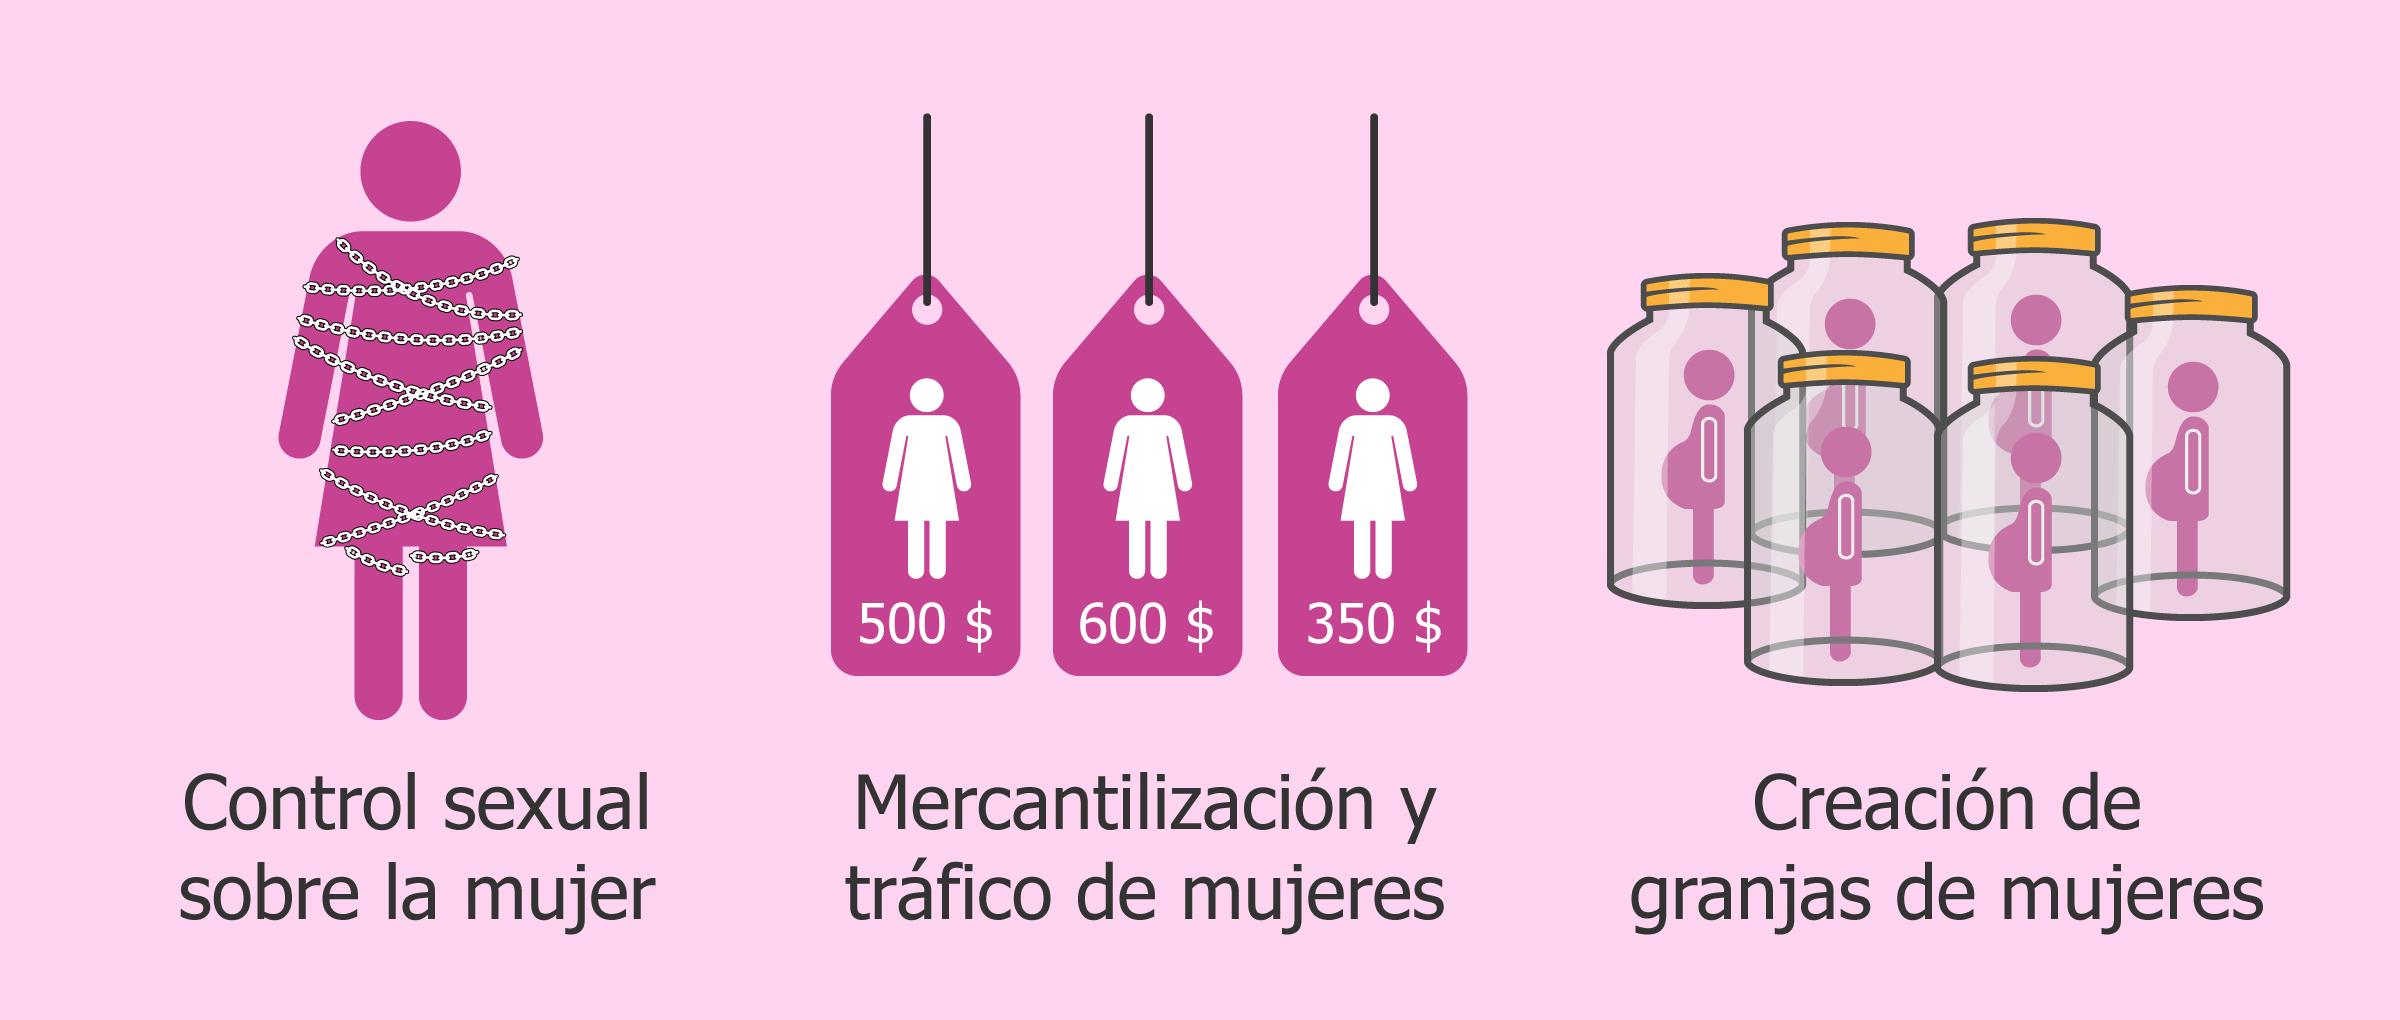 Control sexual sobre la mujer, Mercantilización y tráfico de mujeres, Creación de granjas de mujeres